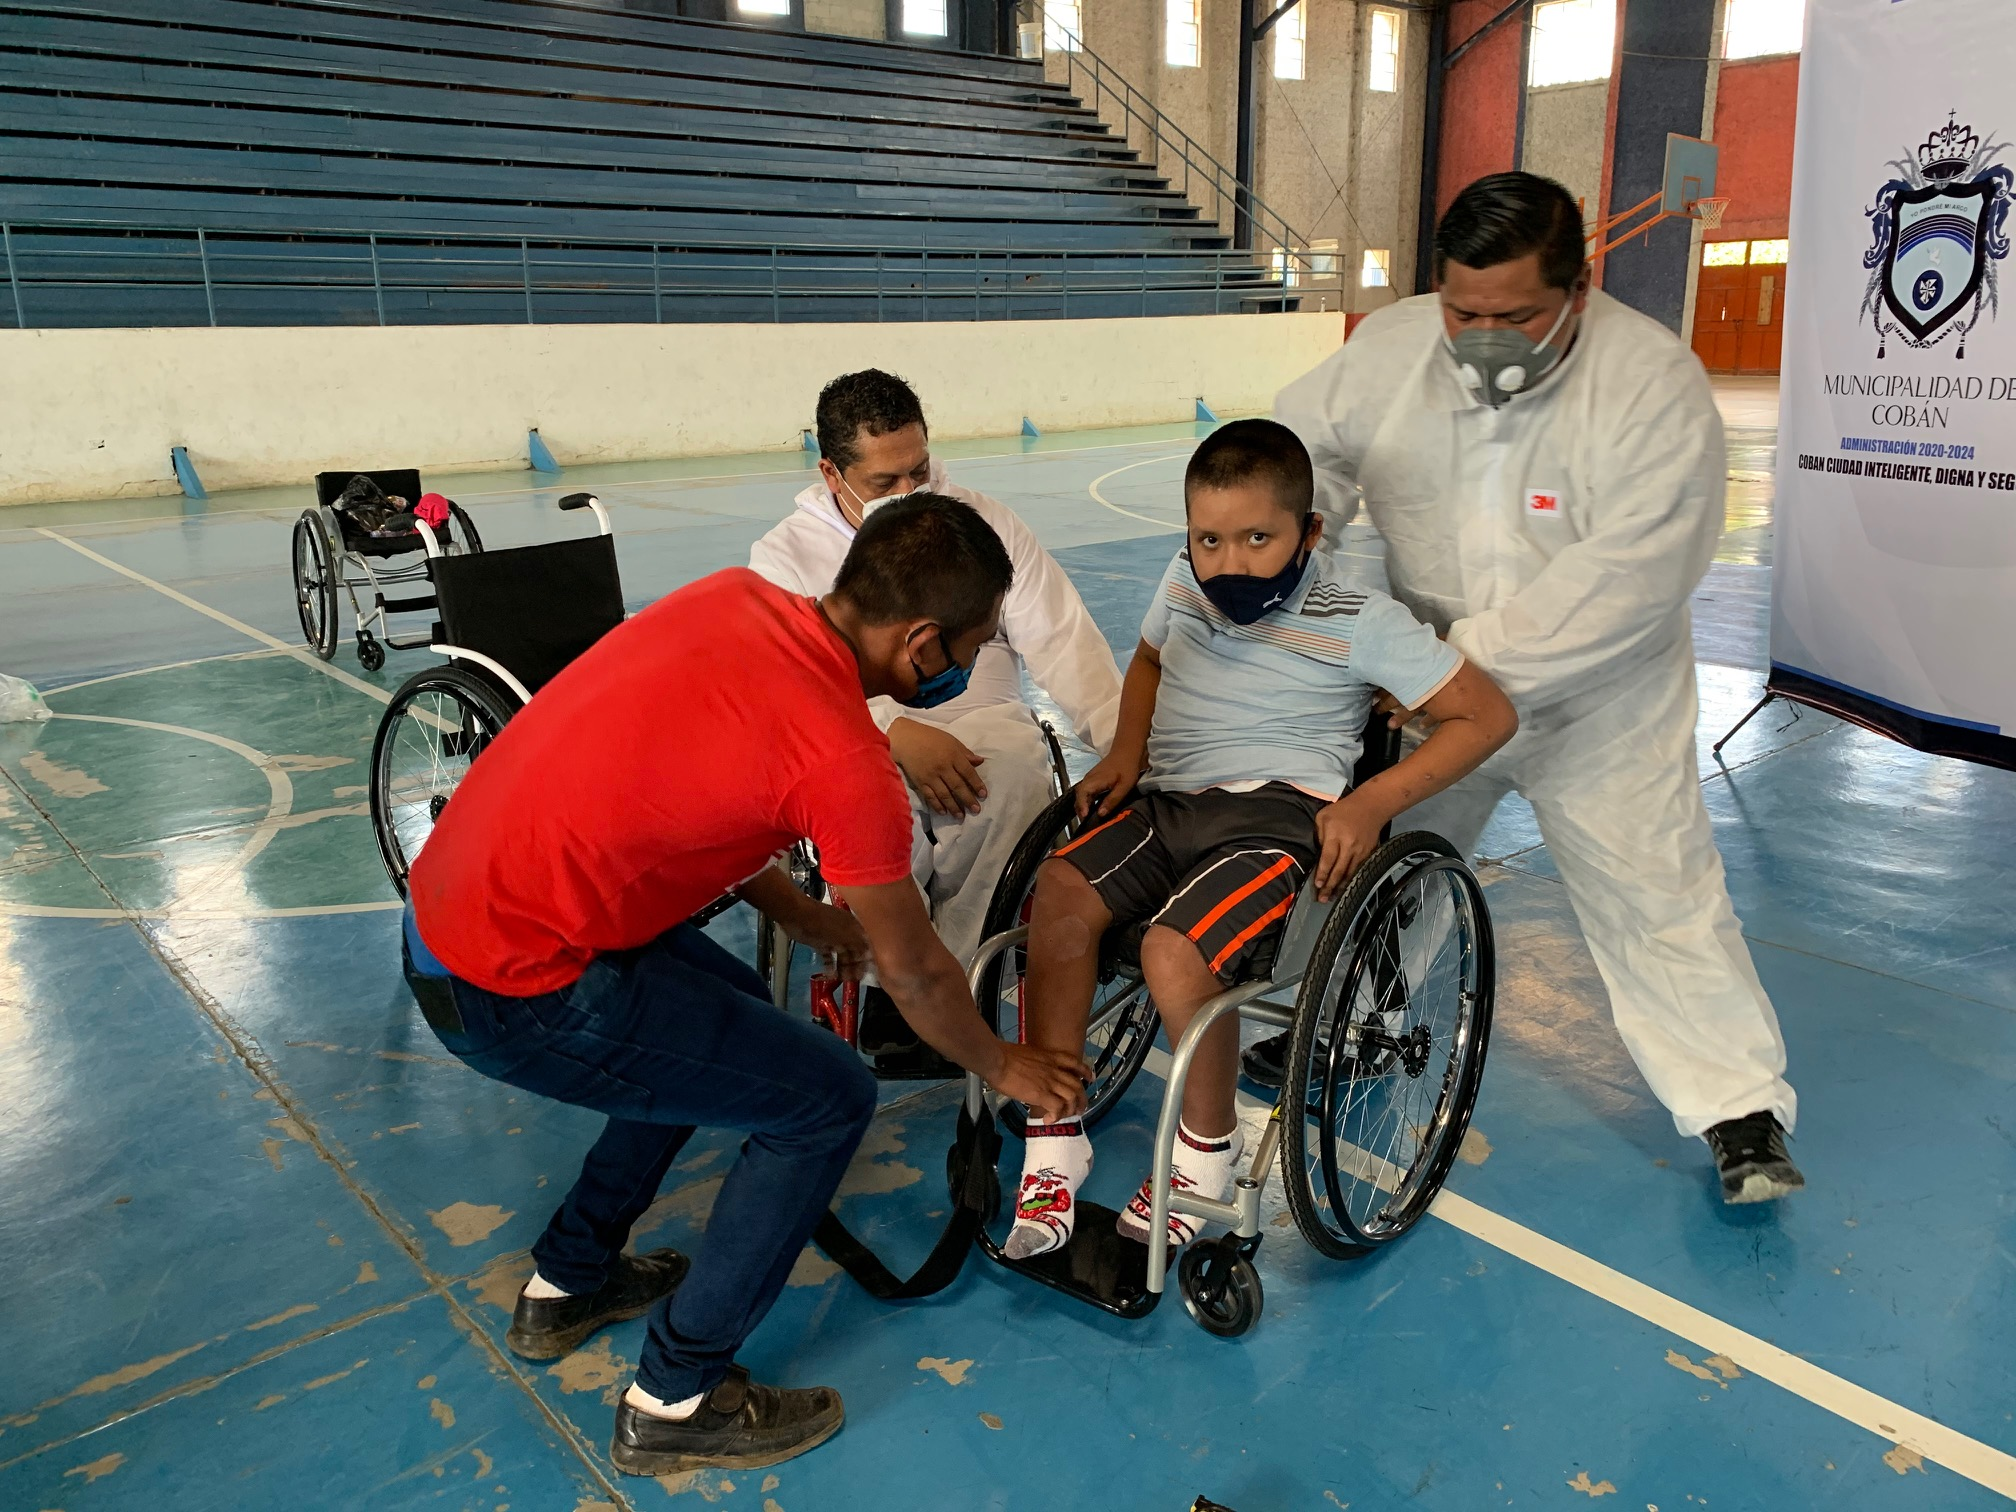 La Asociación Transiciones realiza una donación de sillas en la ciudad de Cobán, Alta Verapaz. (Foto: Eduardo Sam)